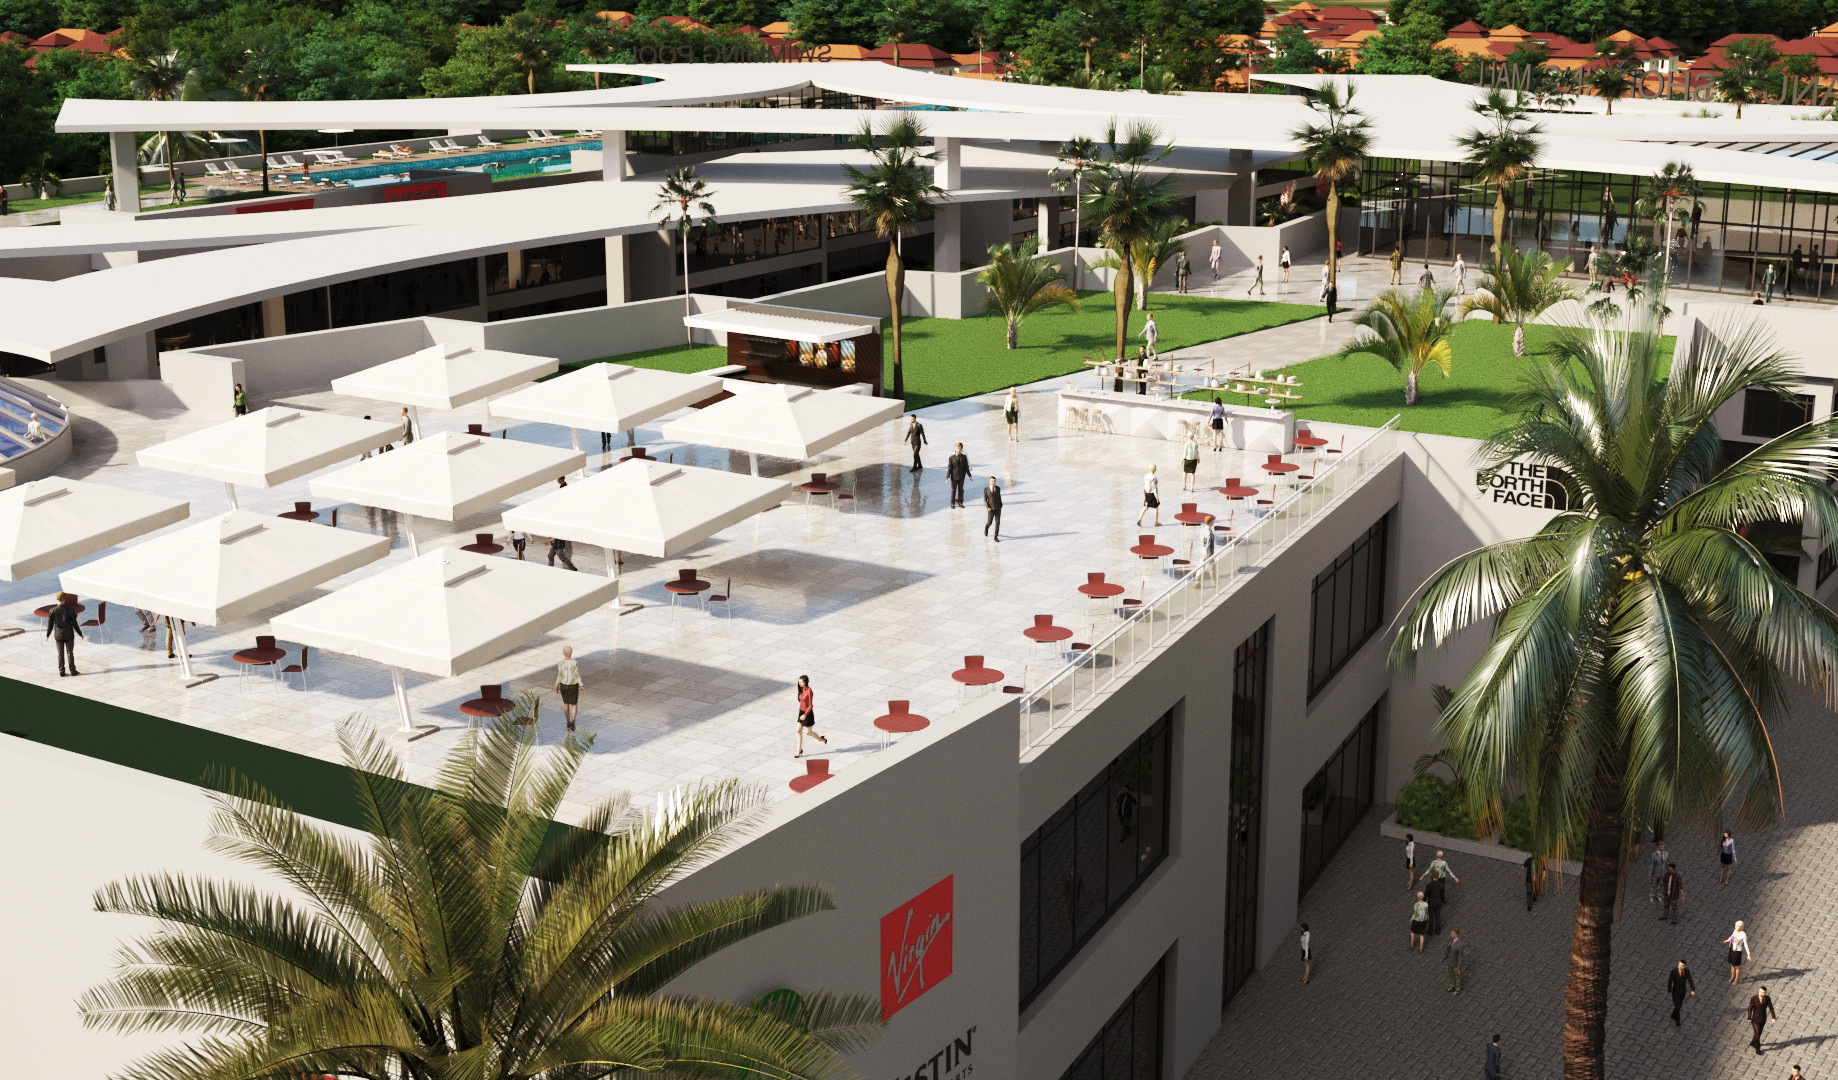 Sanur Shopping Mall